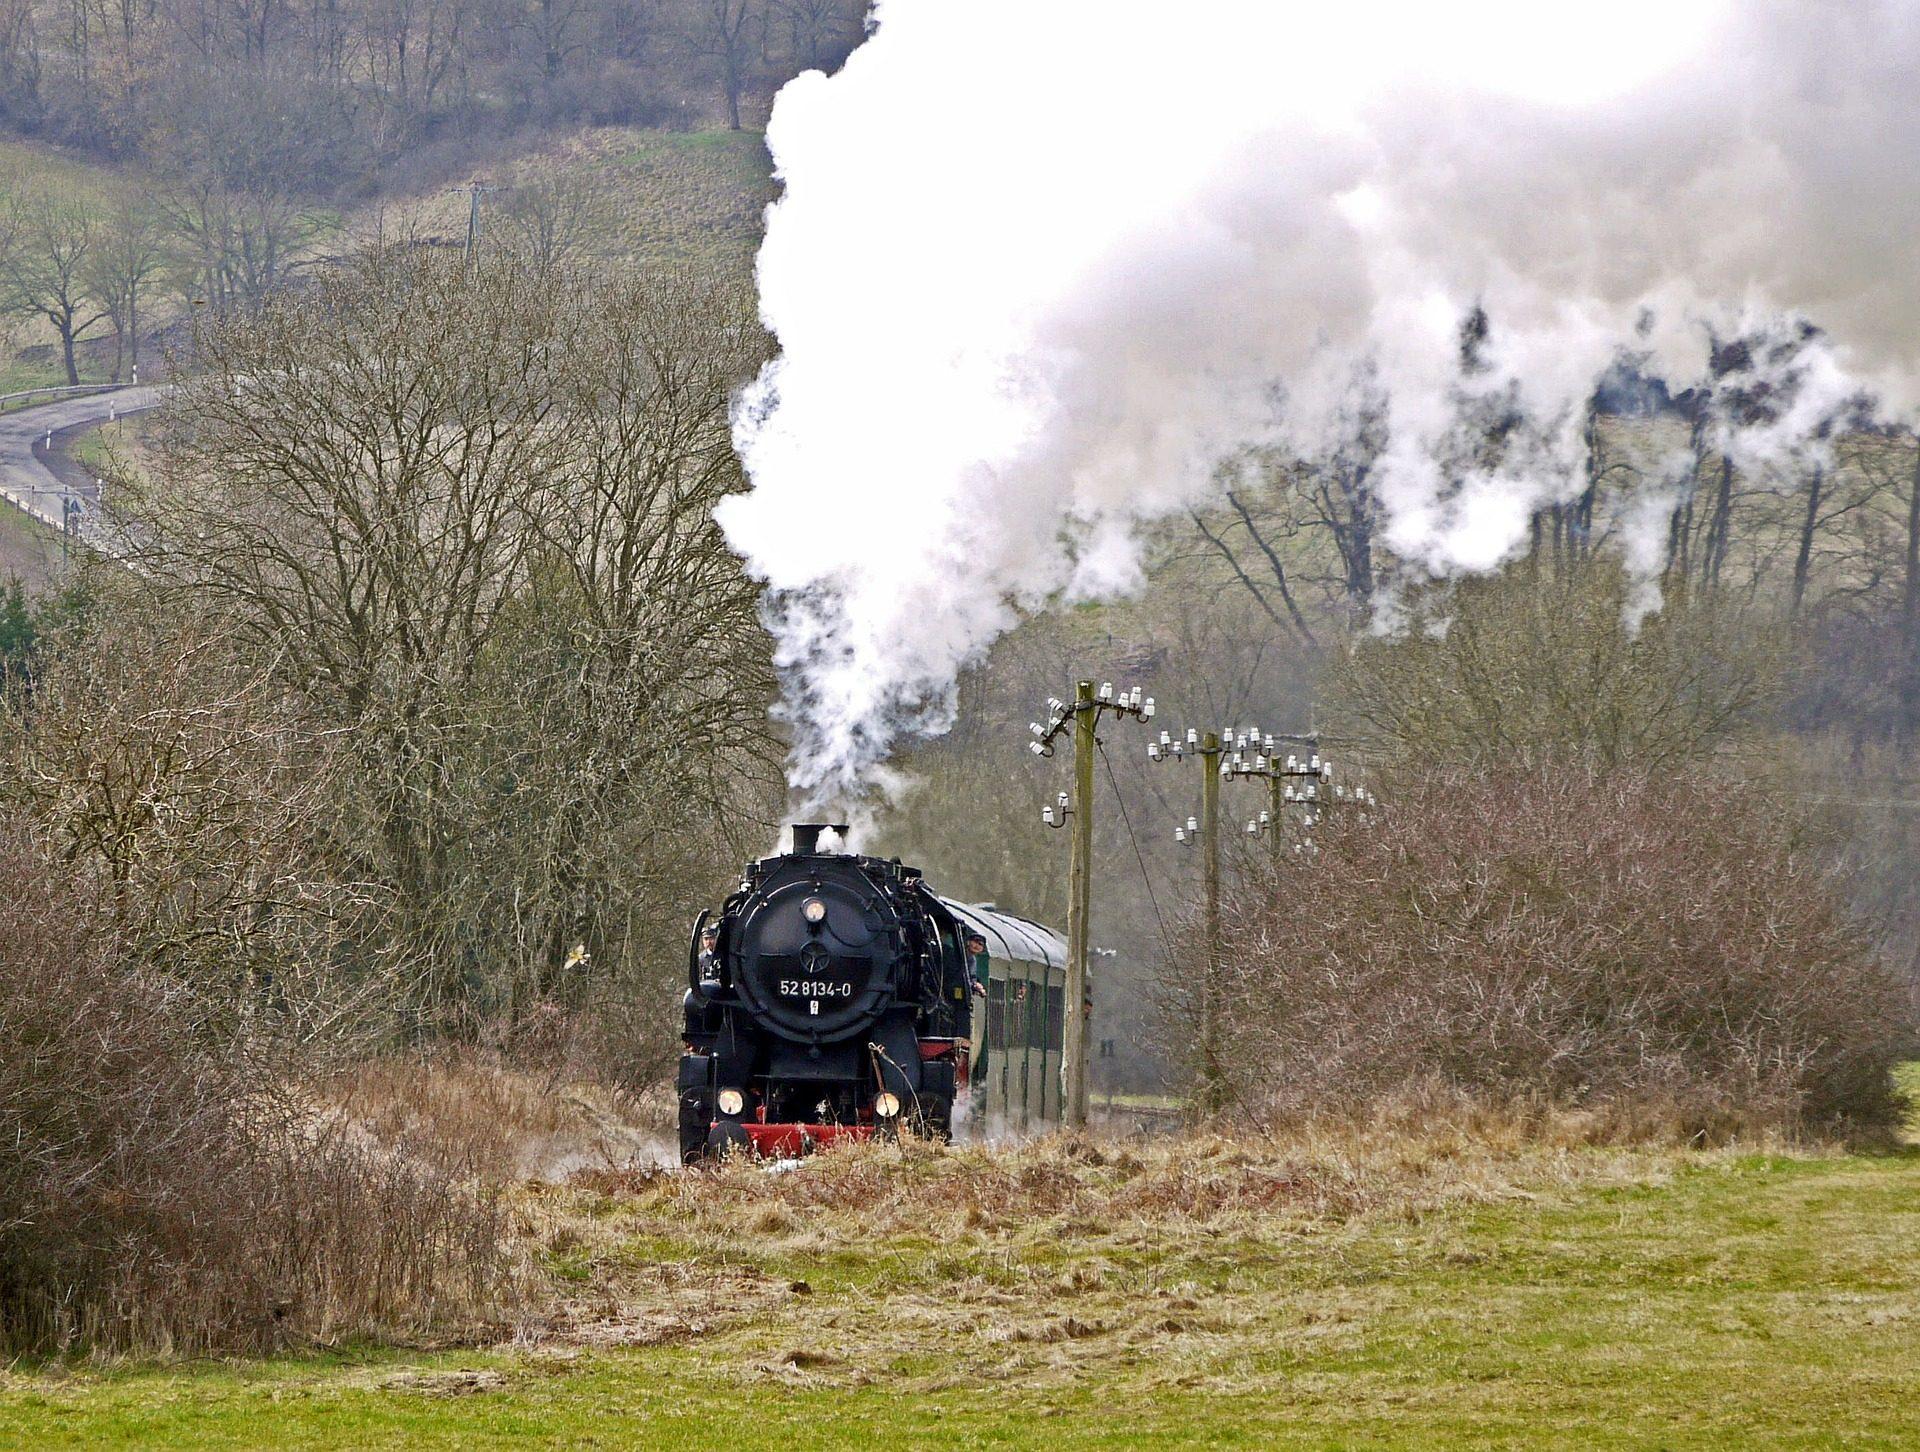 鉄道, 蒸気, 機関車, 煙, フィールド - HD の壁紙 - 教授-falken.com